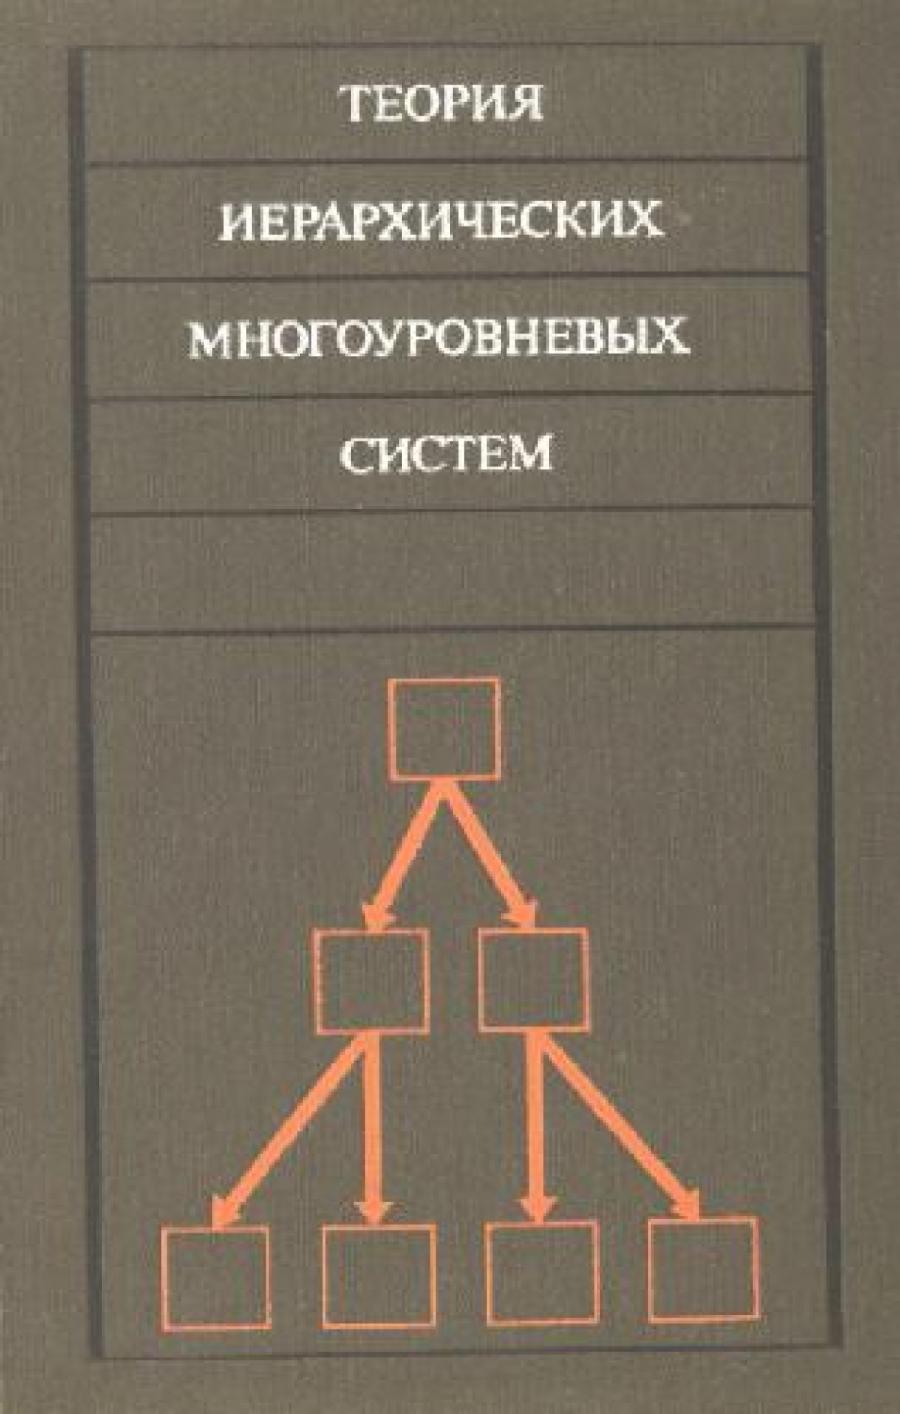 Обложка книги:  месарович м., мако д., такахара и. - теория иерархических многоуровневых систем.